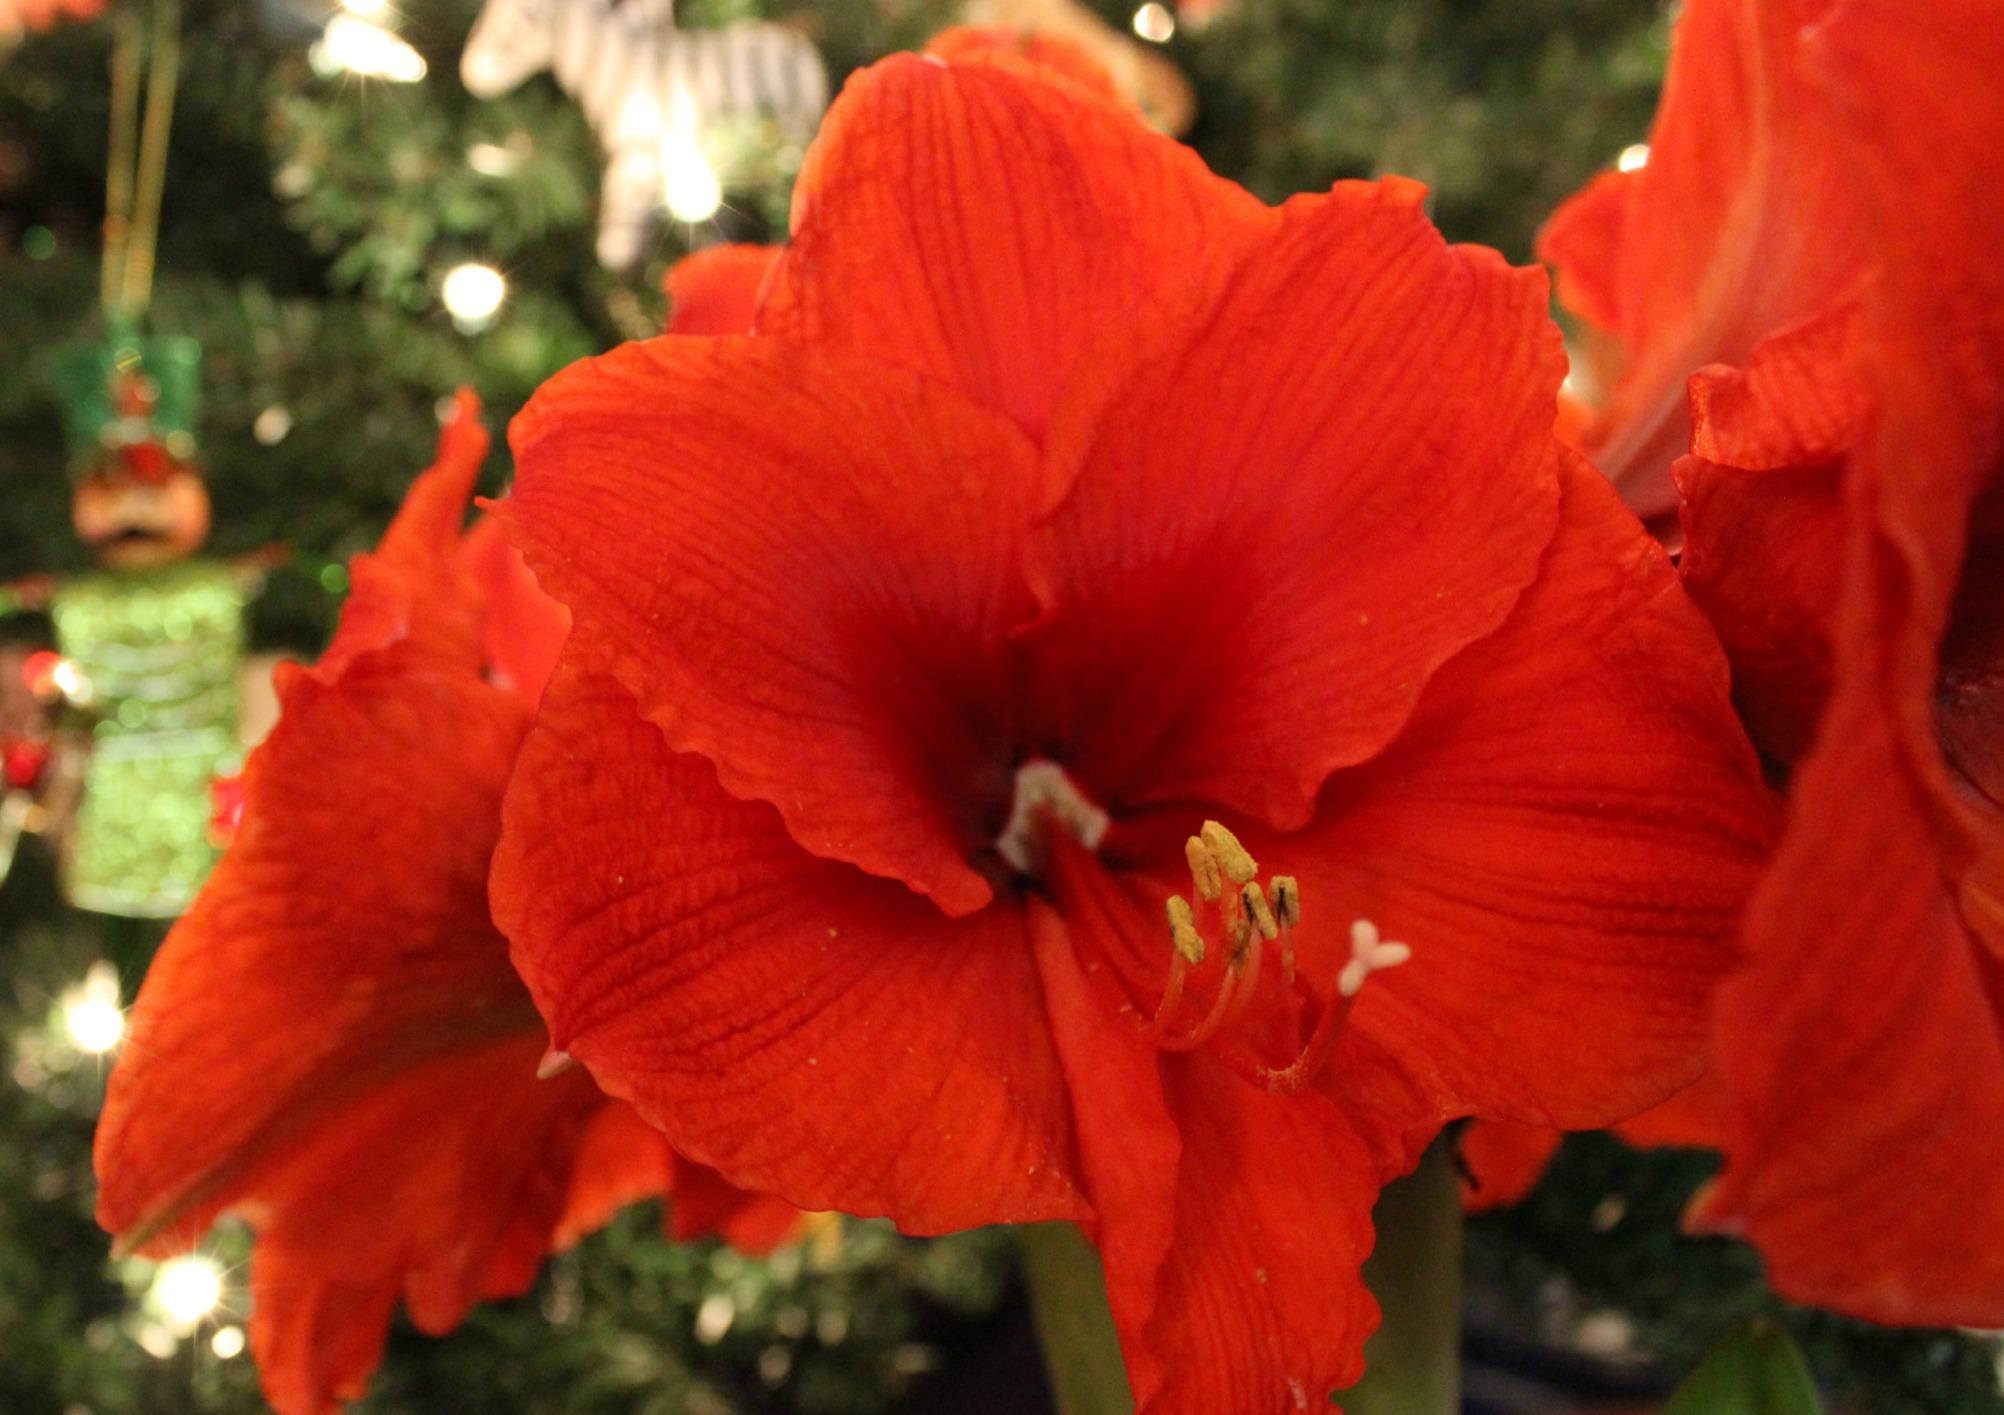 amaryllis Anne of Green Gardens